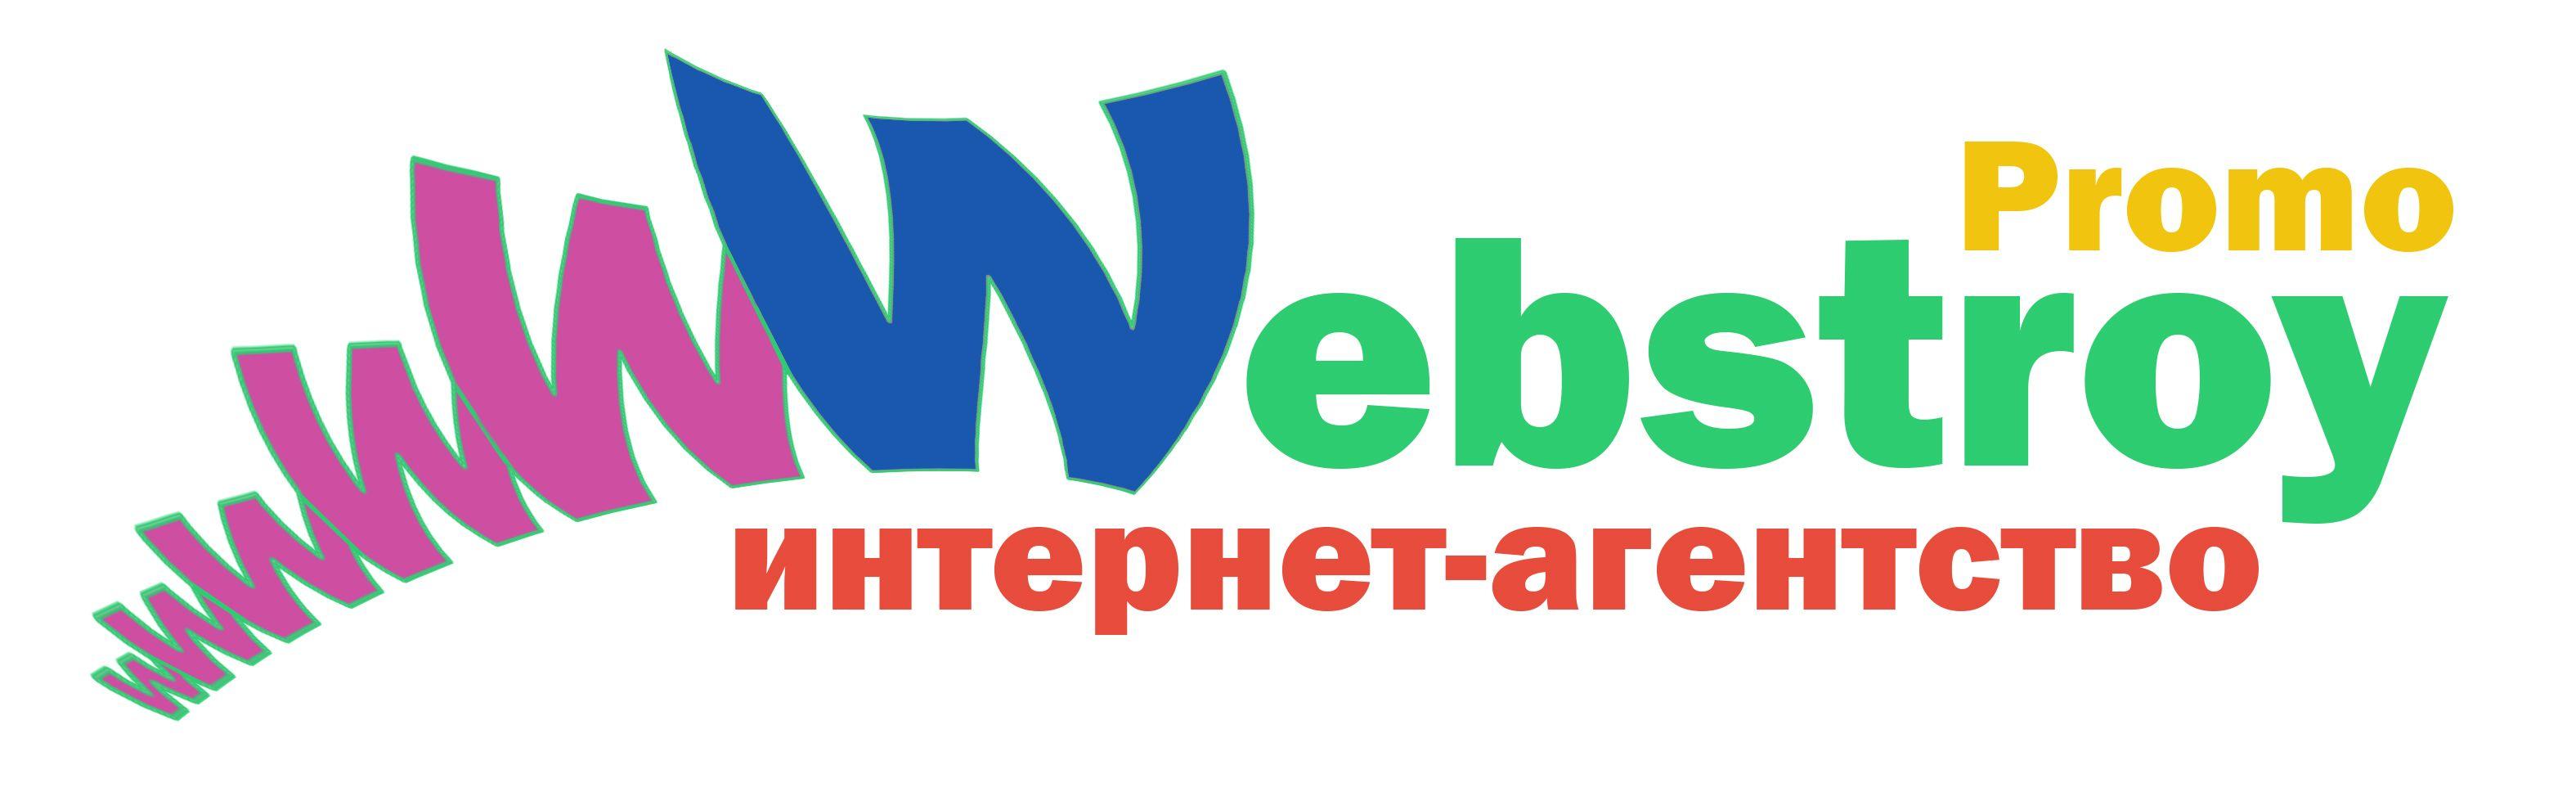 Логотип интернет-агентства - дизайнер crydevil89